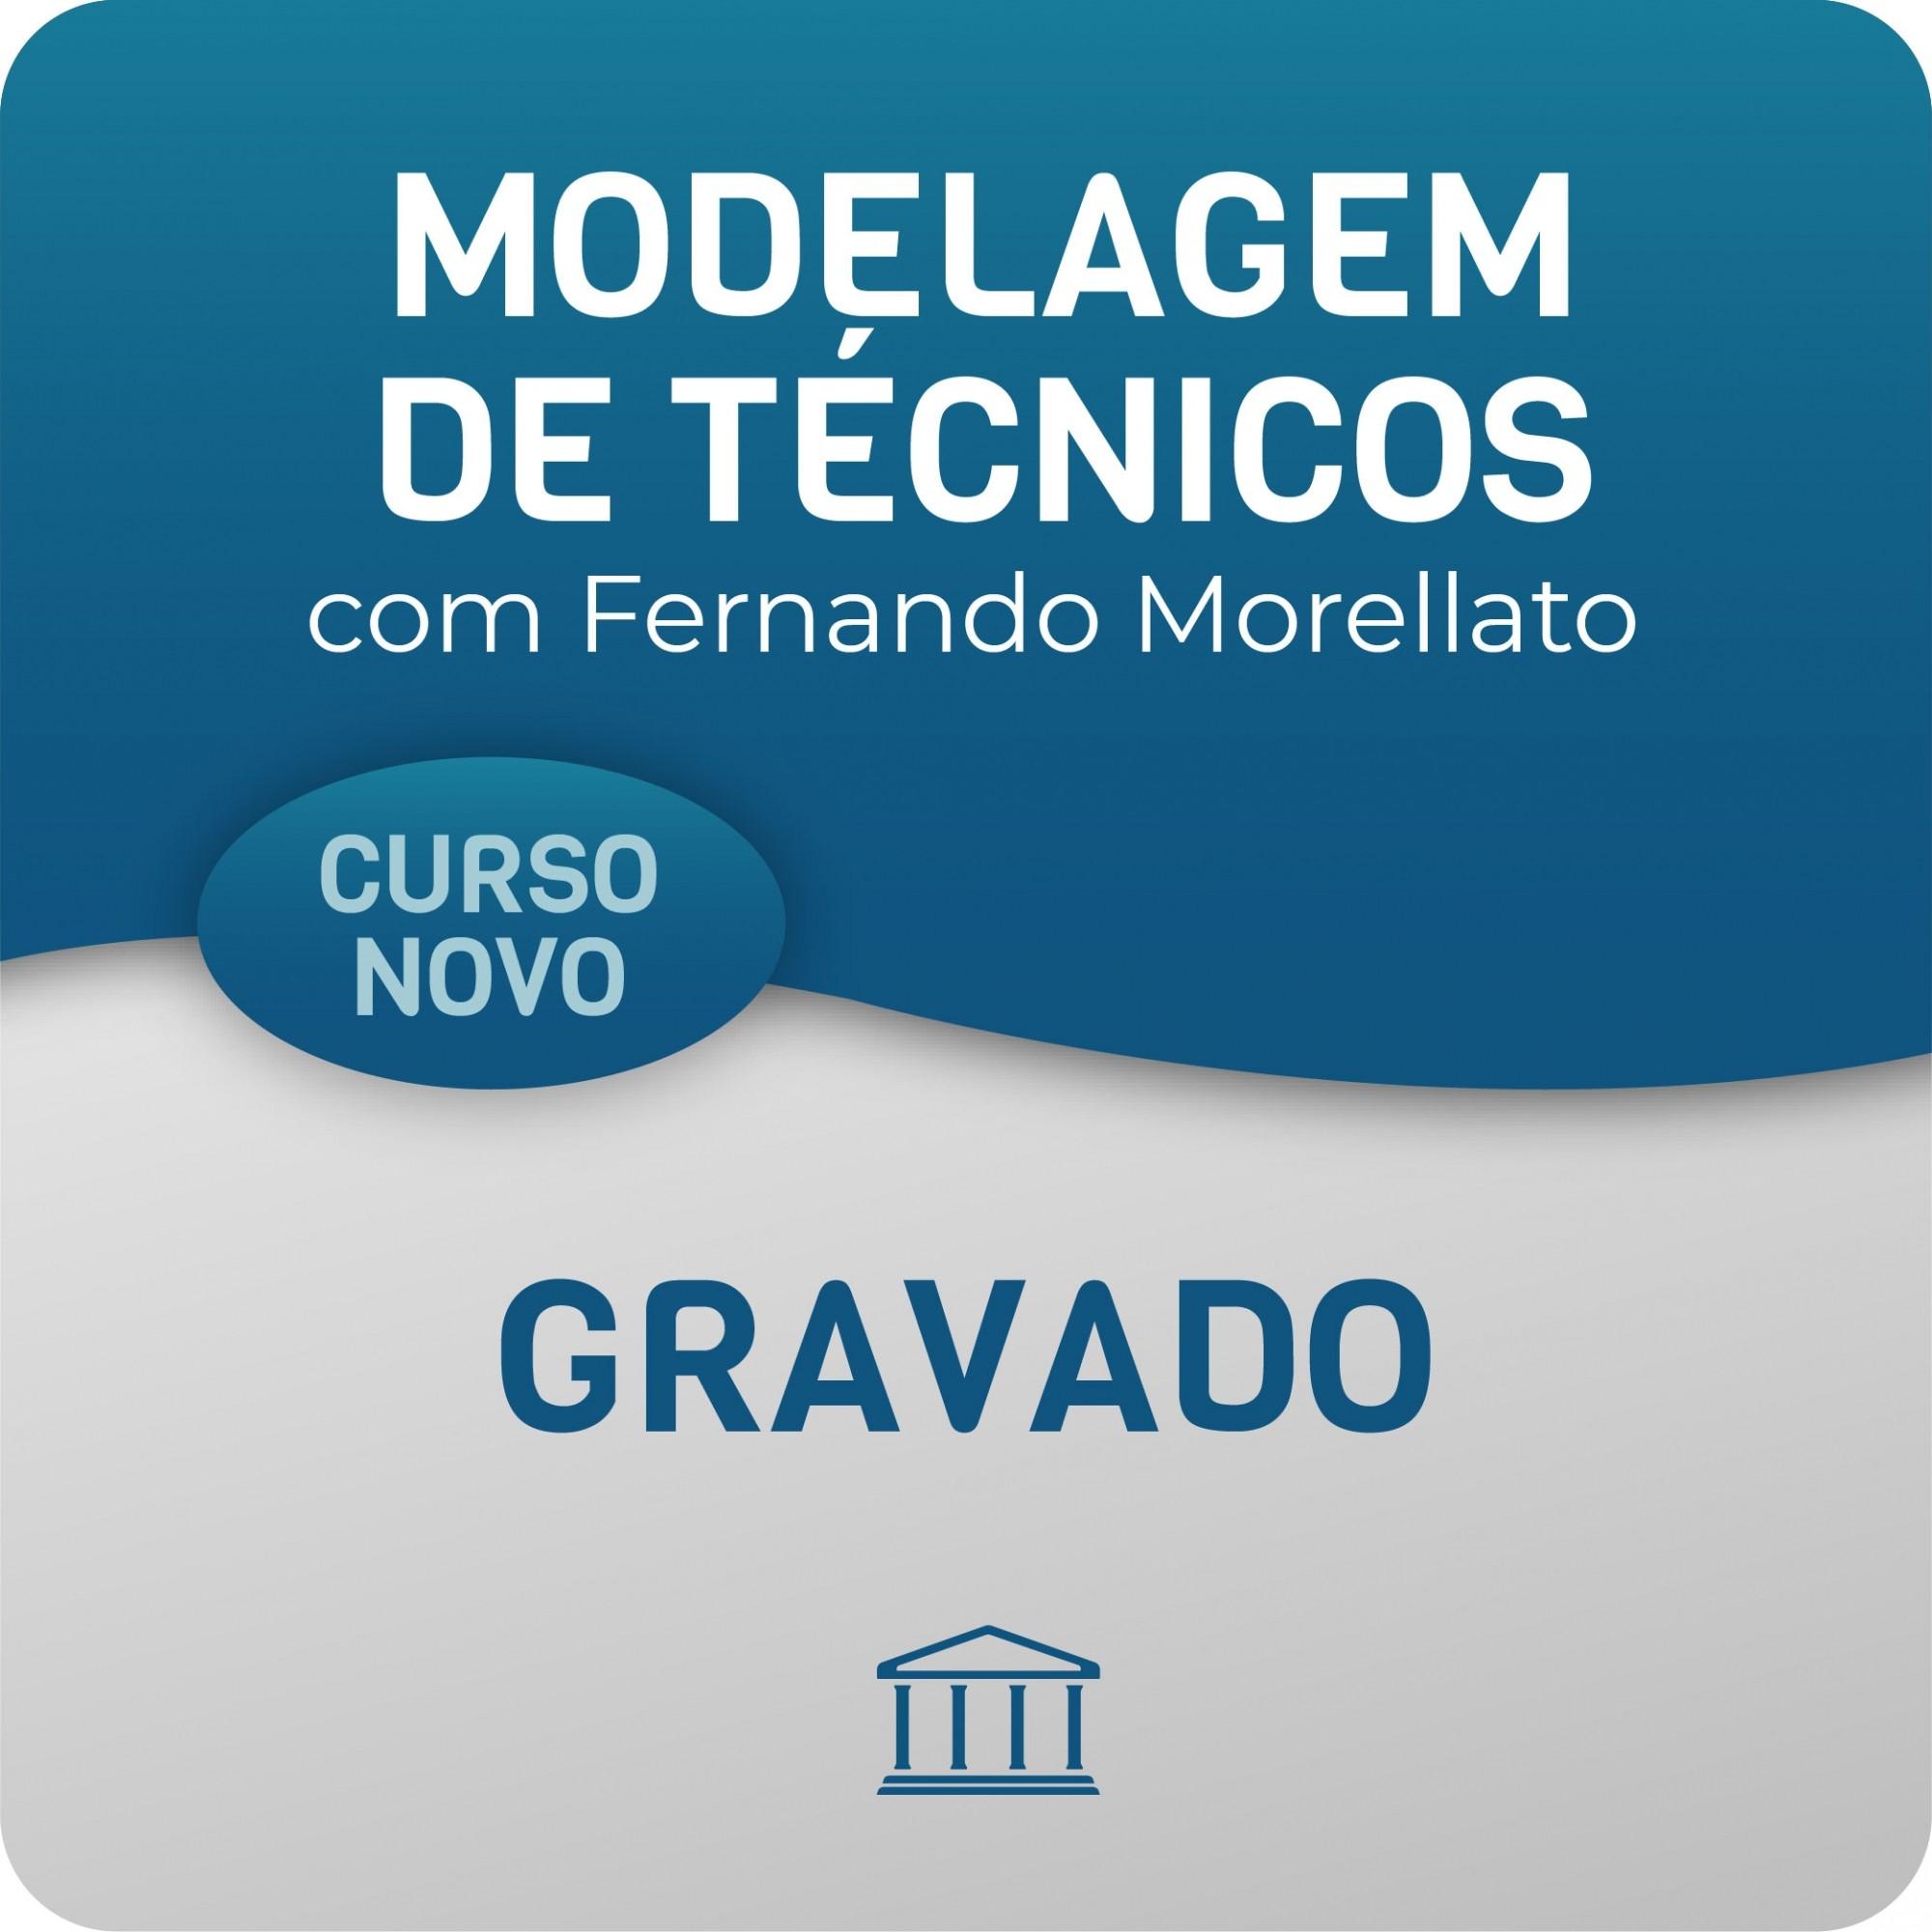 Modelagem de Técnicos de Telecom - GRAVADO  - Voz e Dados